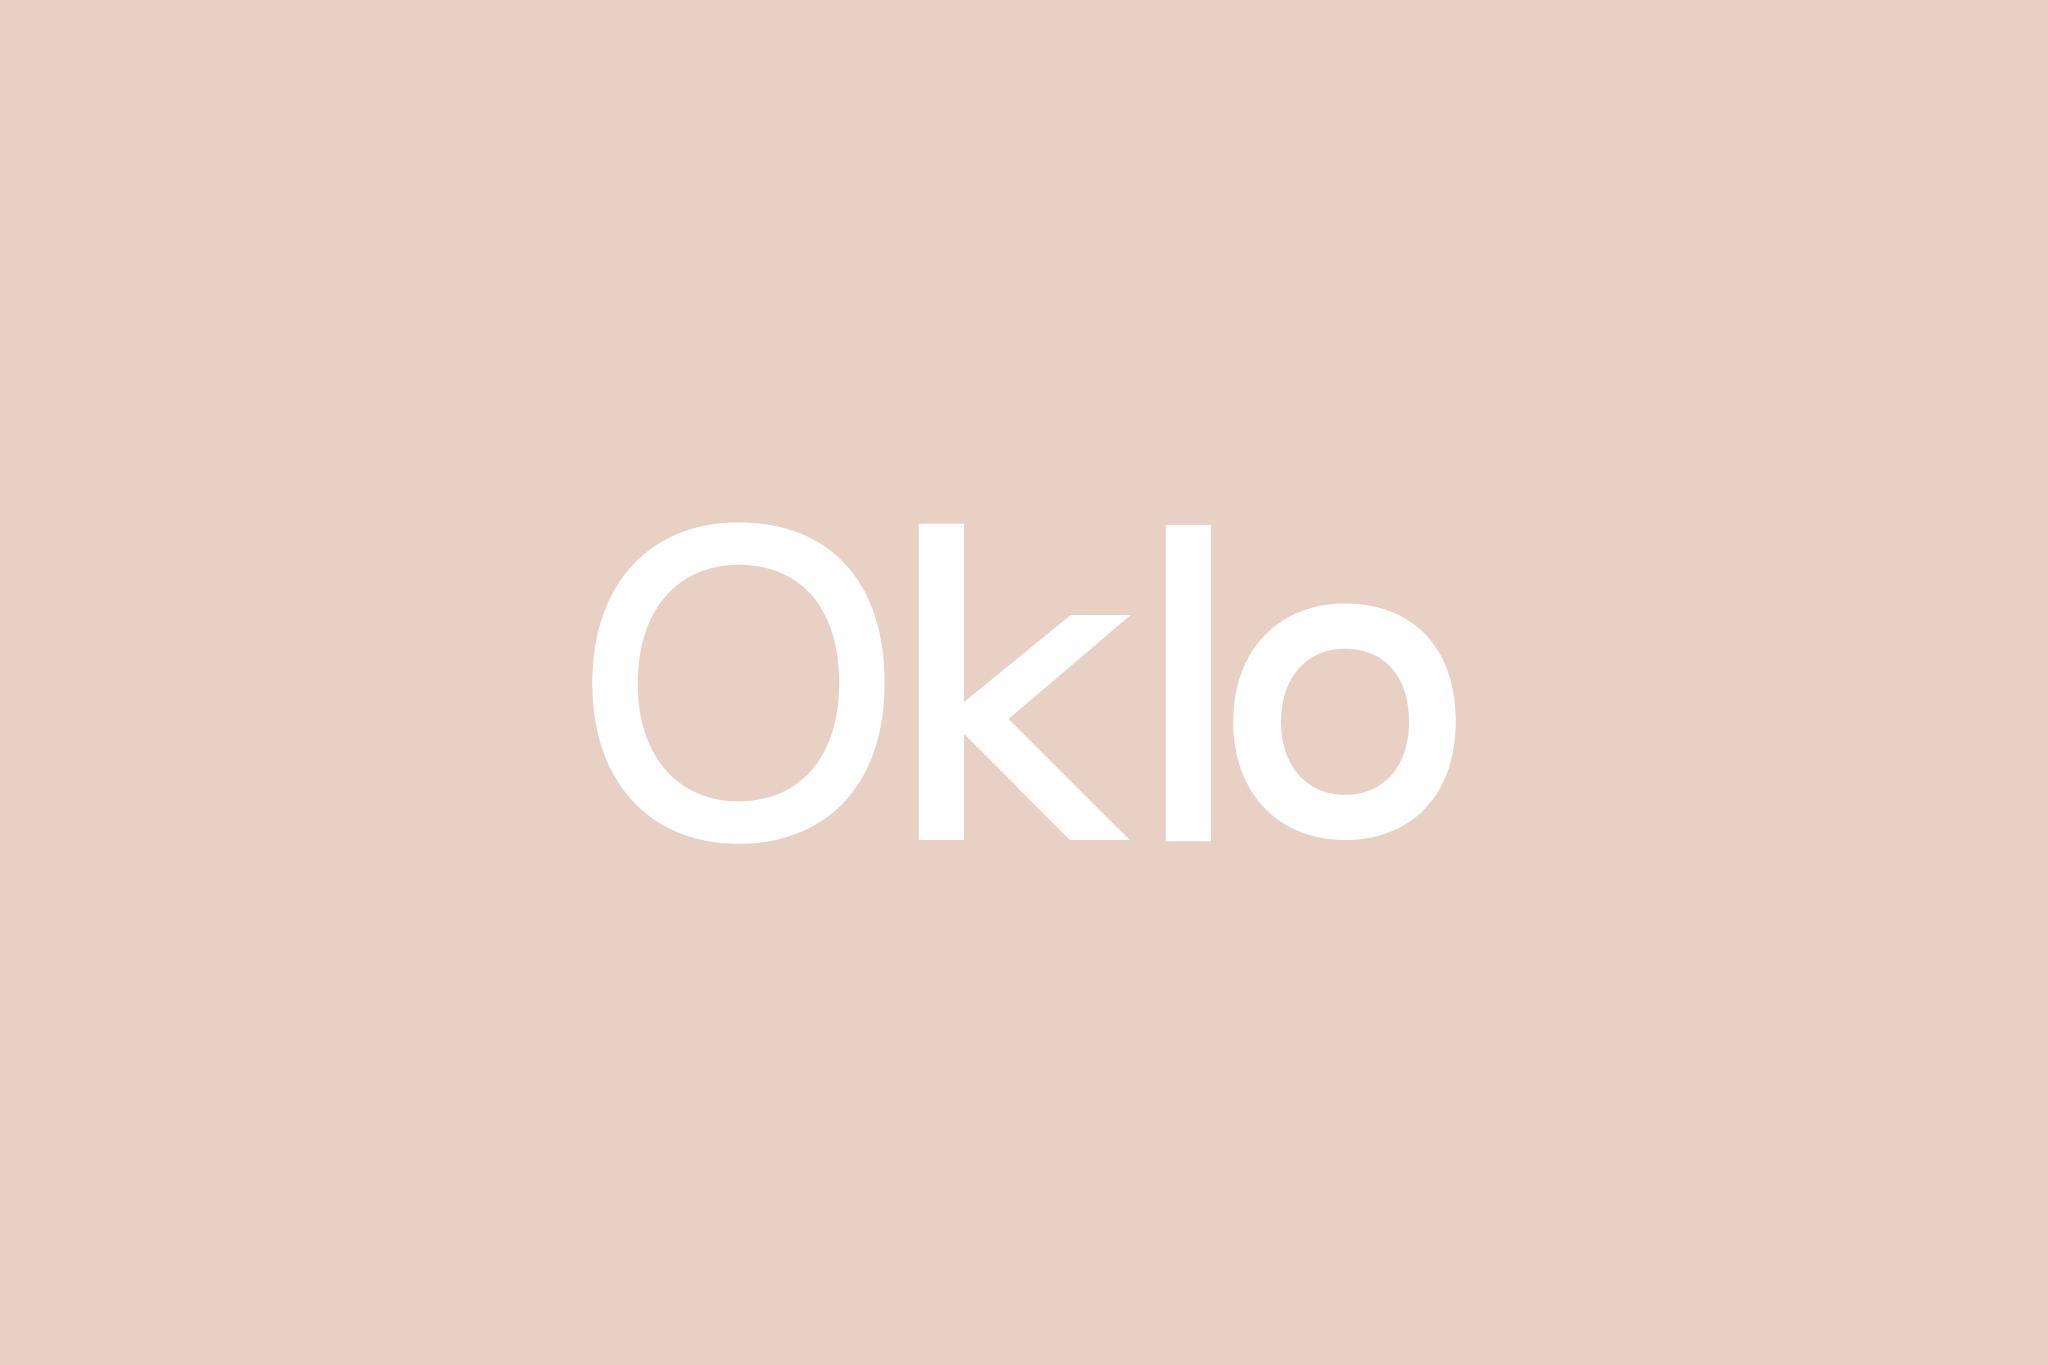 Oklo-Cover